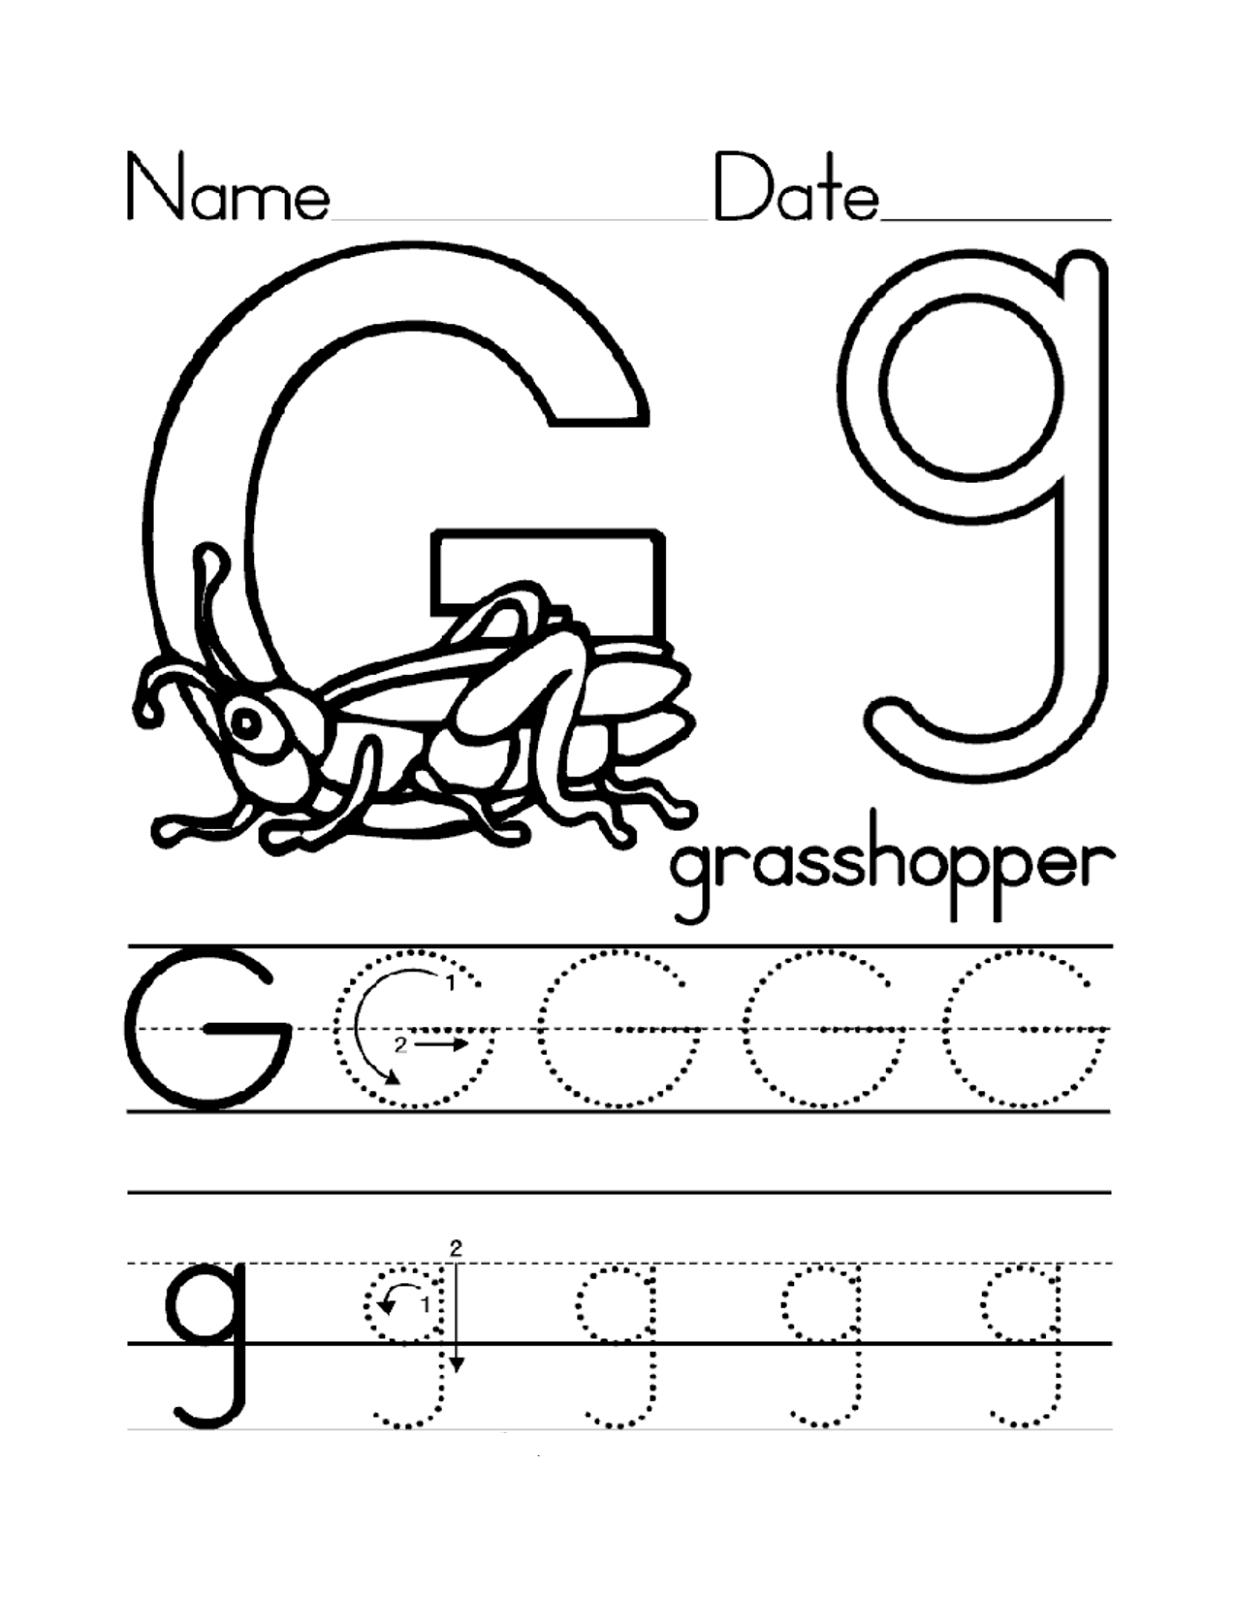 Trace Letter G Worksheets  Activity Shelter Regarding Letter G Tracing Worksheets Preschool